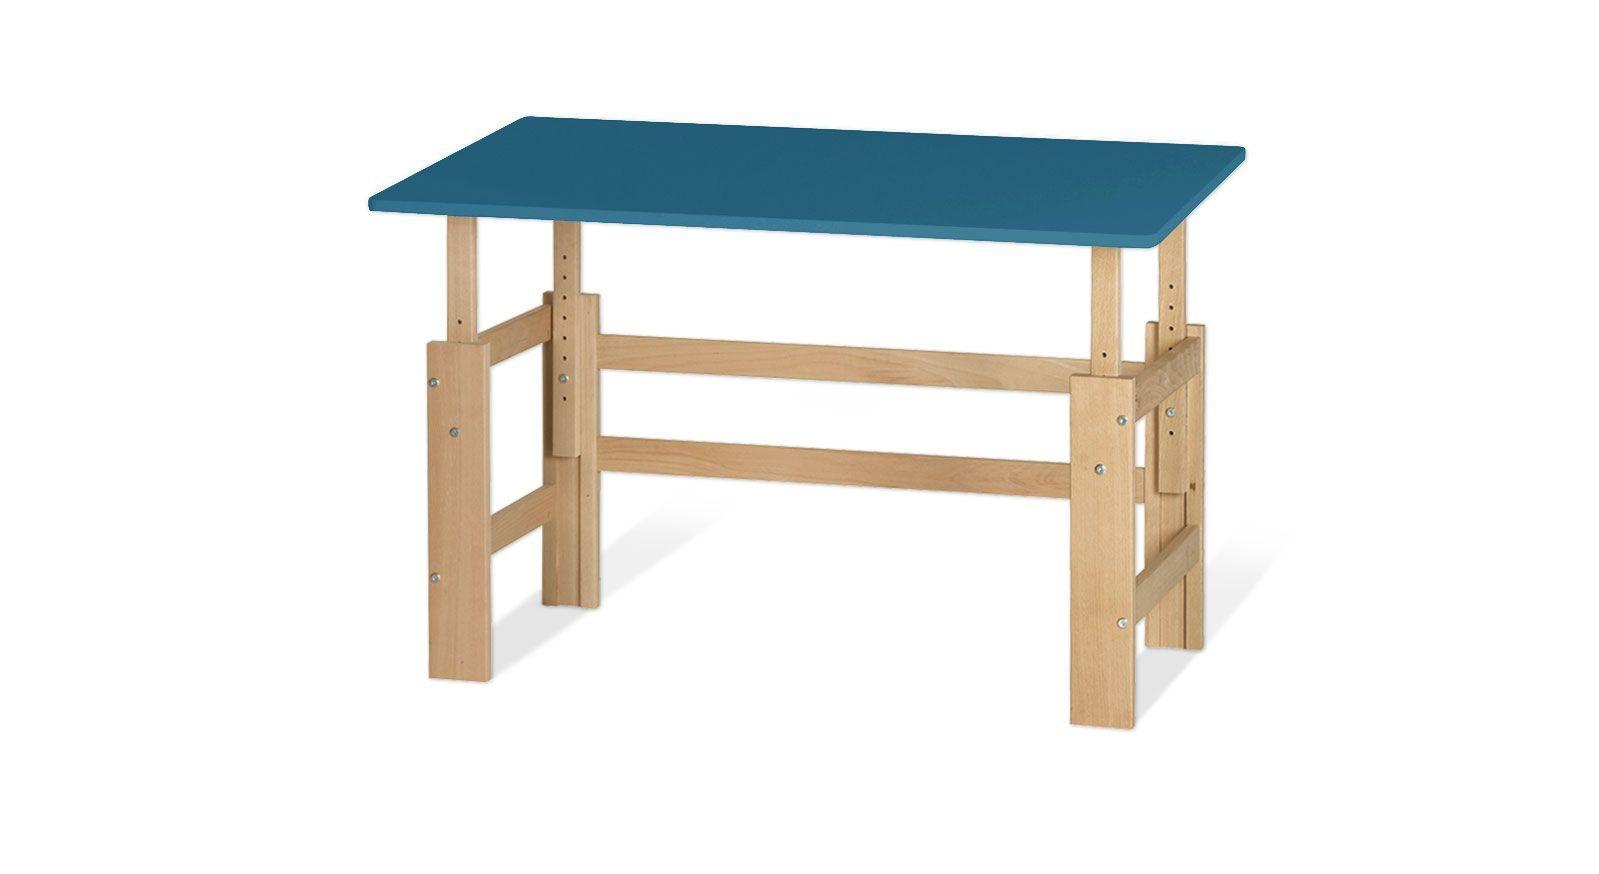 Höhenverstellbarer Schreibtisch Kids Town in Buche und MDF aqua